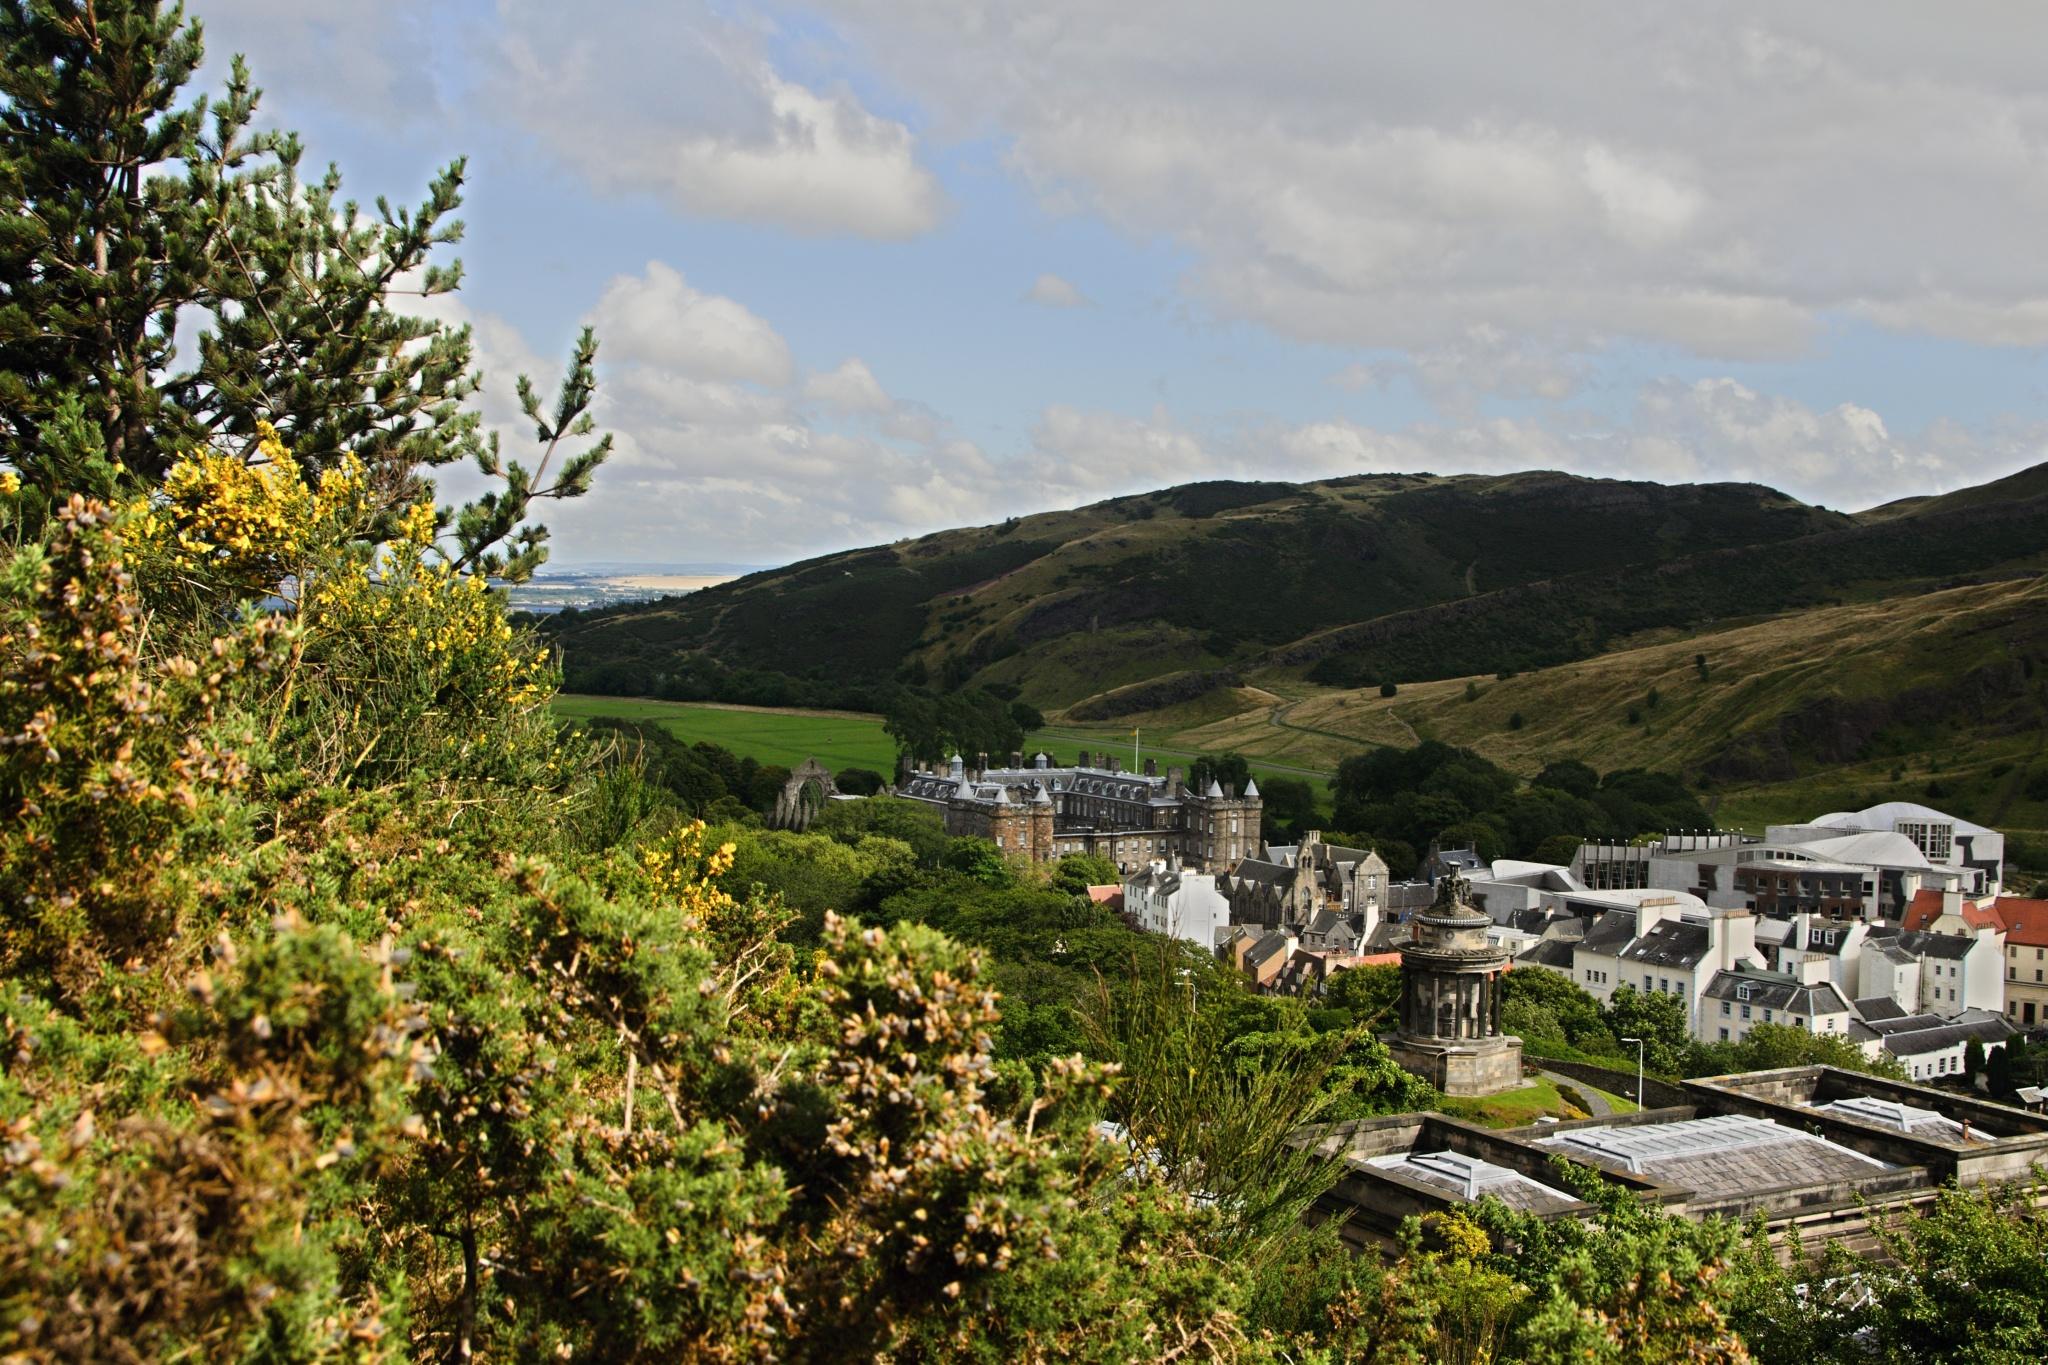 Výhled na město, v pozadí Holyrood Abbey